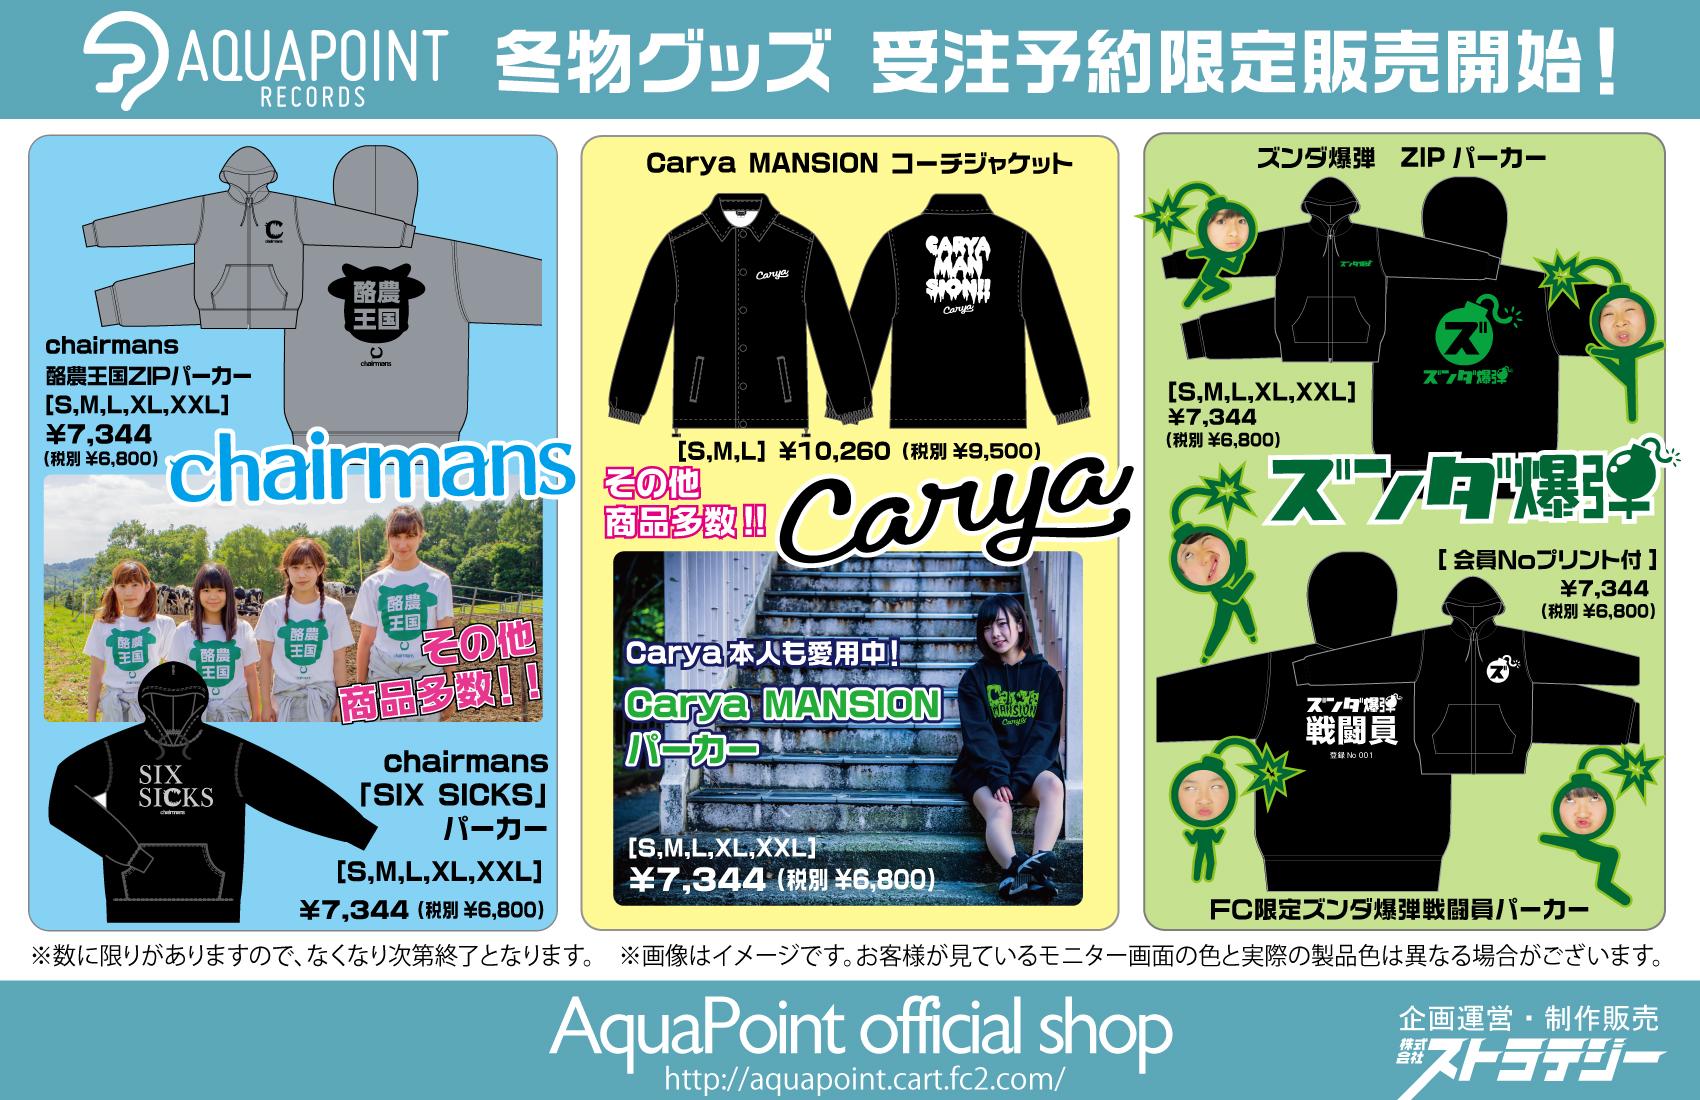 AquaPoint official shop